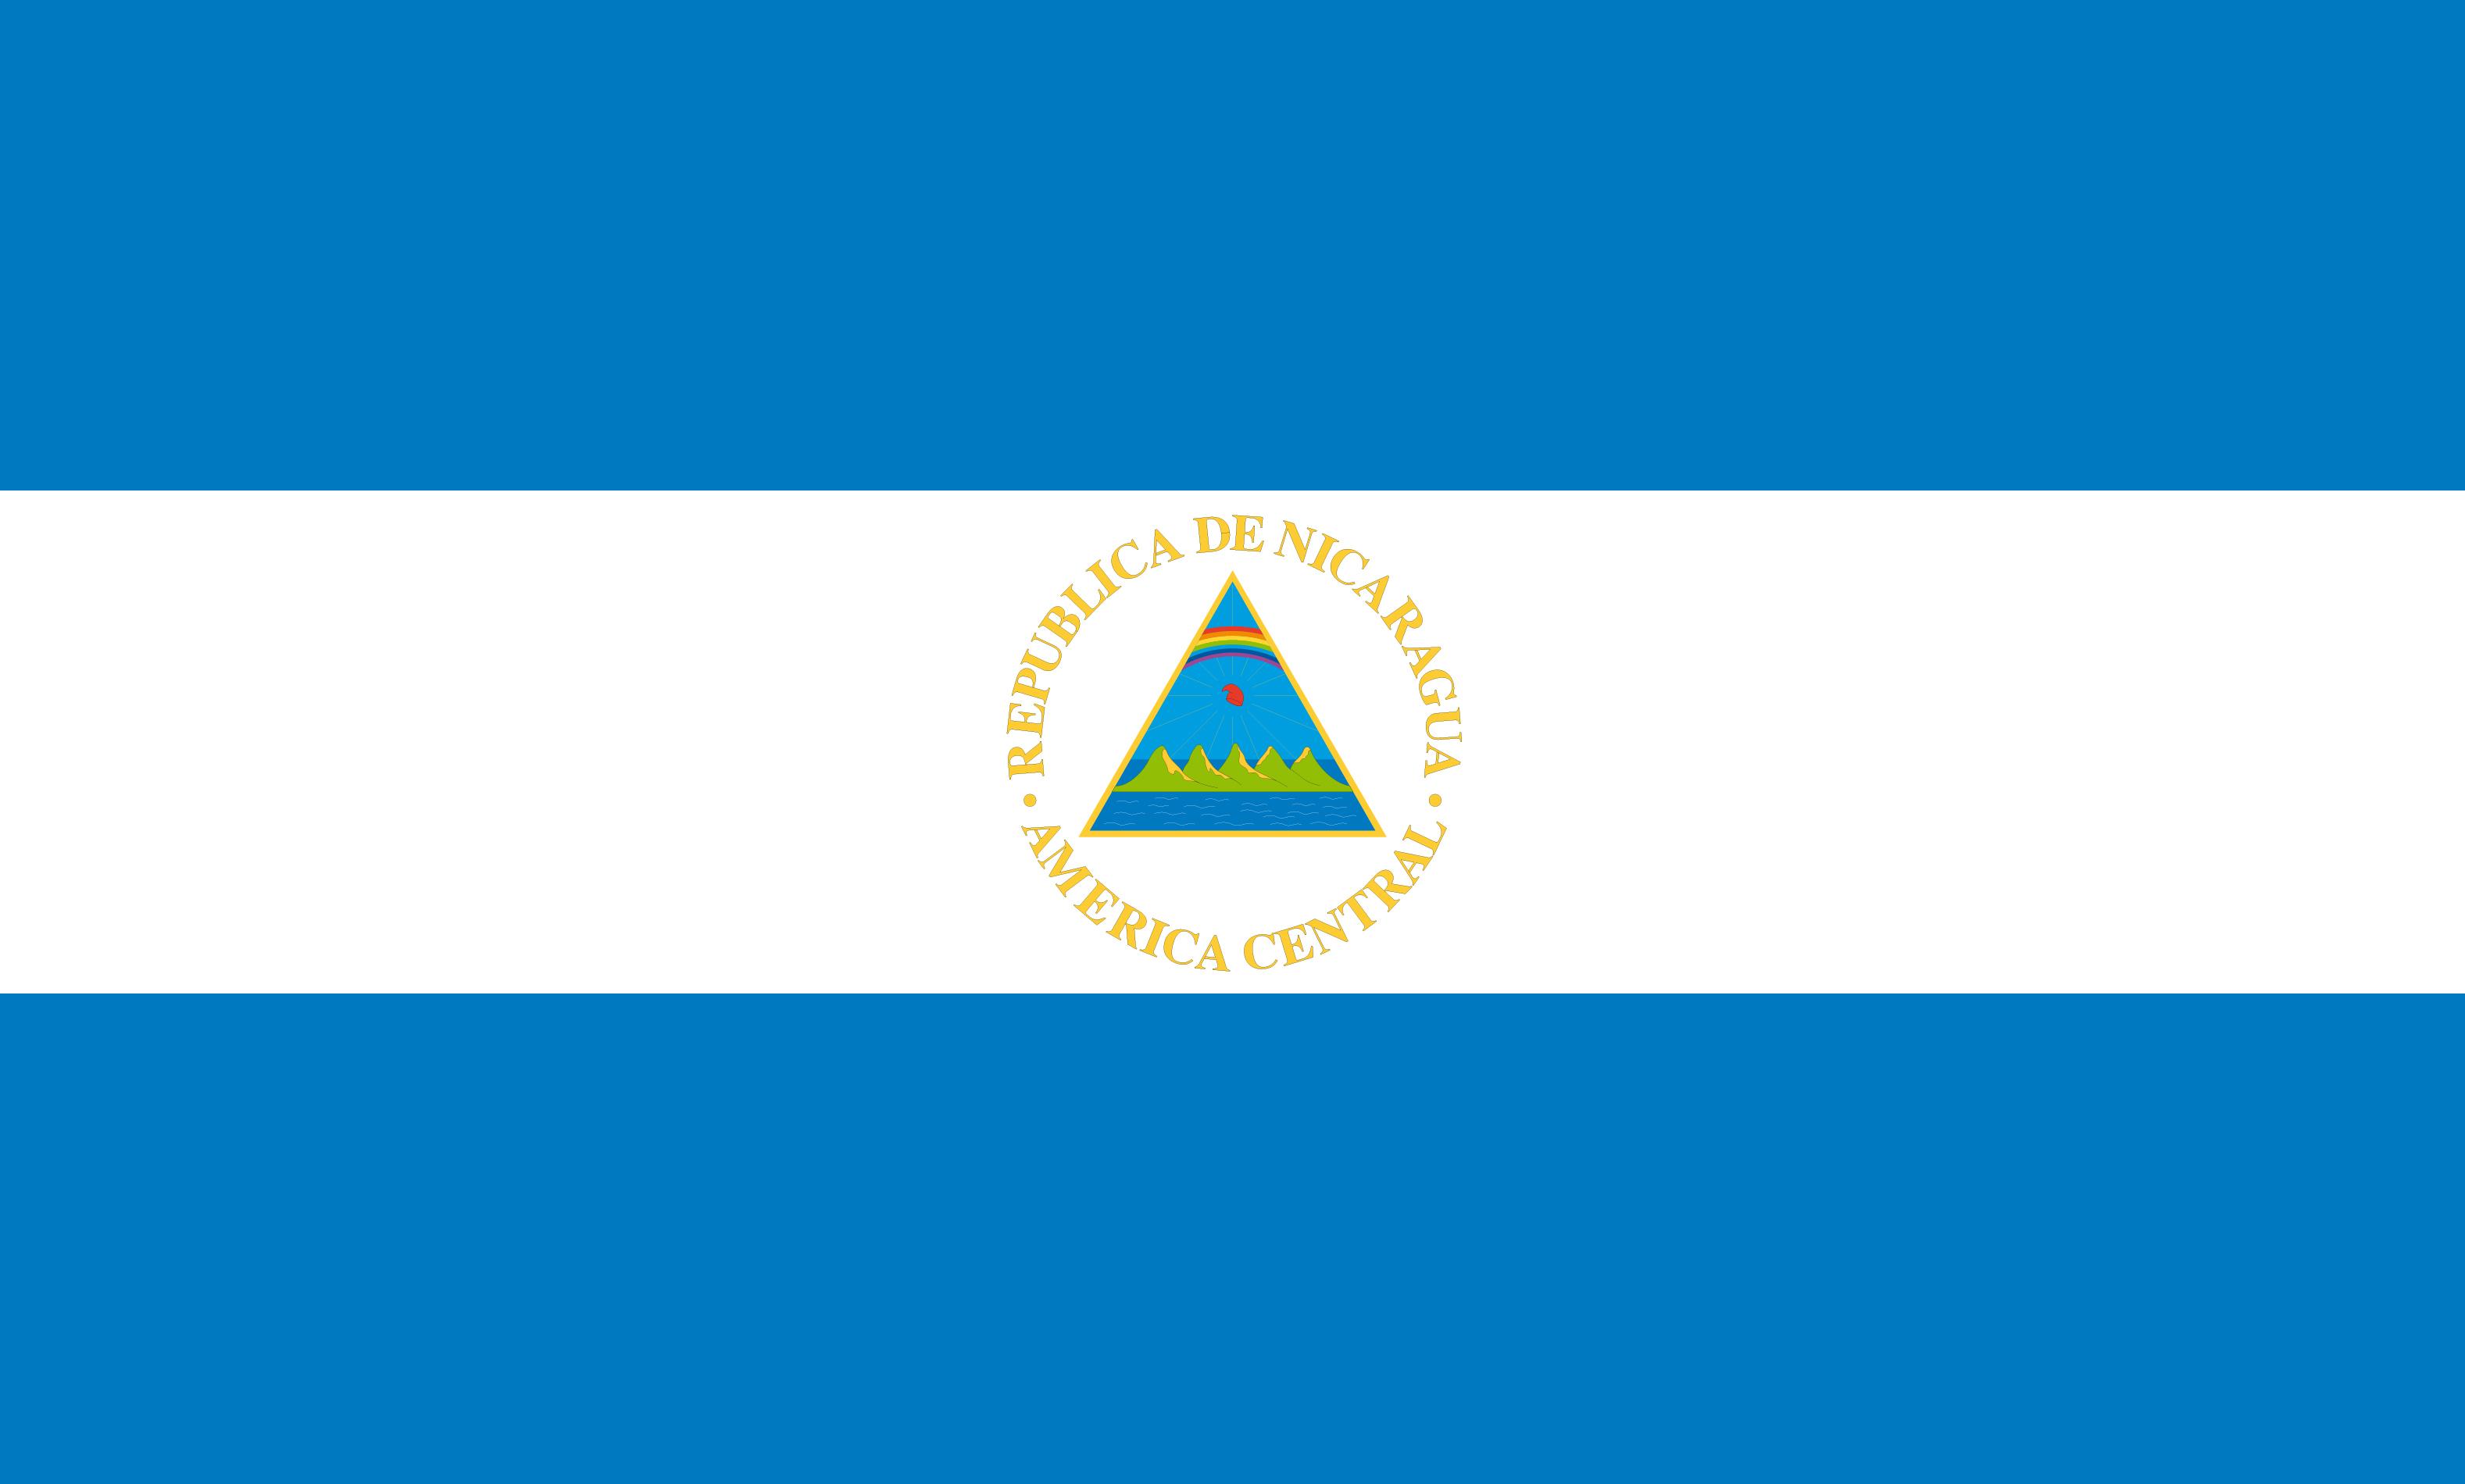 Nicaragua: De la importancia de la Supervisión y Vigilancia Aérea